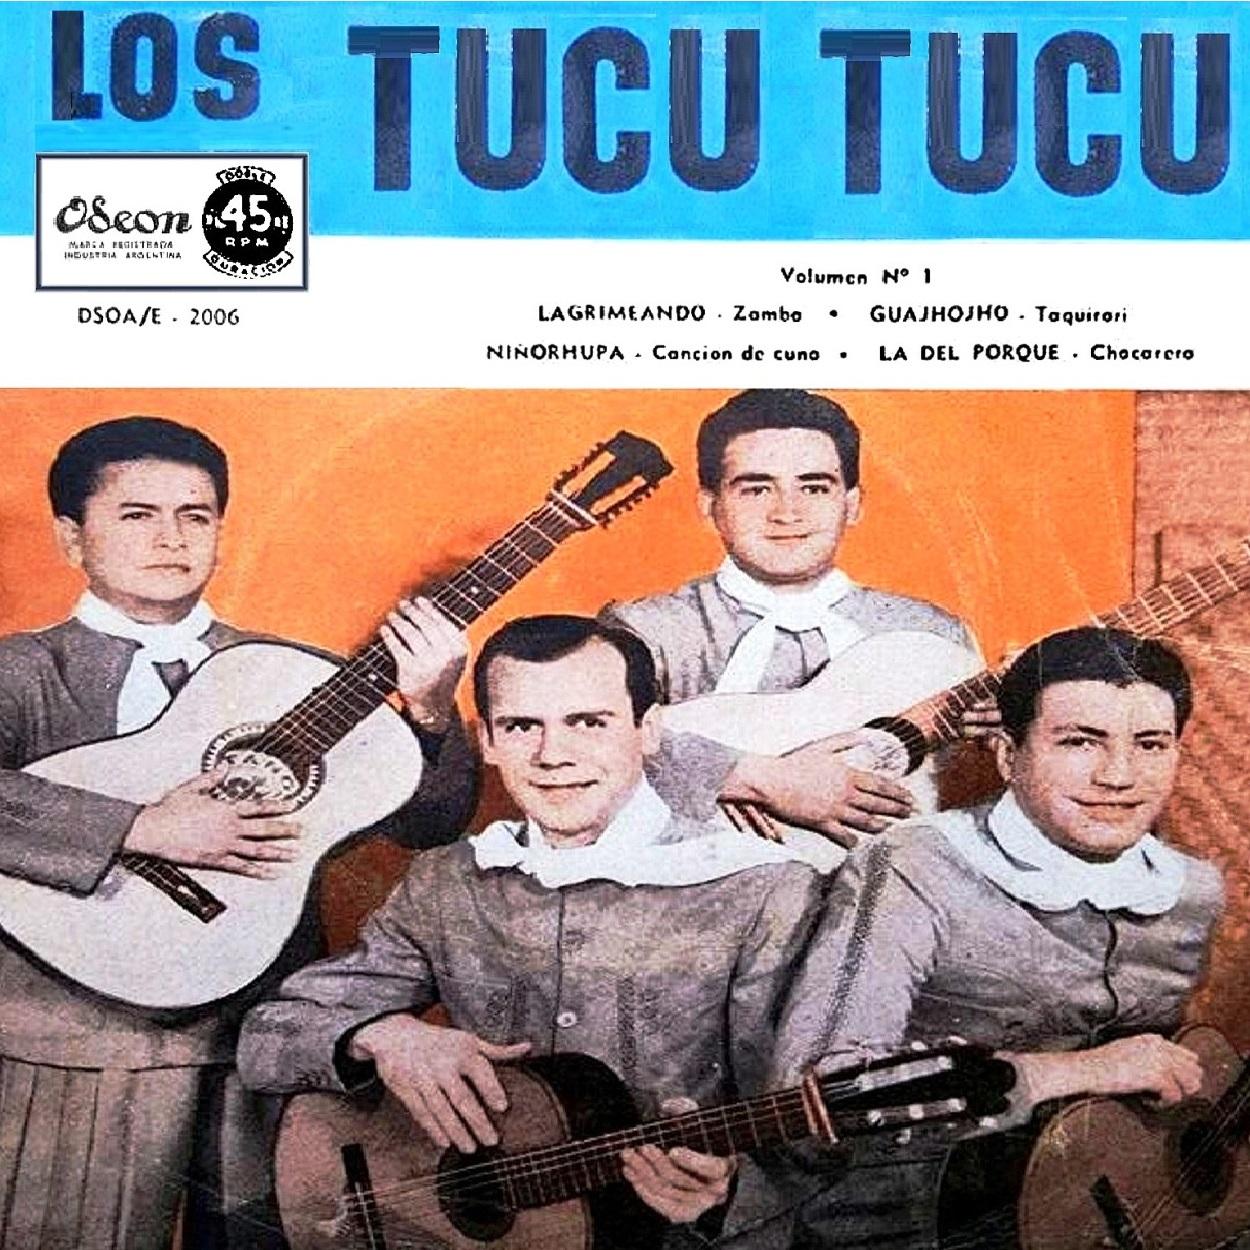 db6b4e5f1 Folklore del NOA: LOS TUCU TUCU - SU PRIMER SIMPLE DOBLE DURACIÓN ...